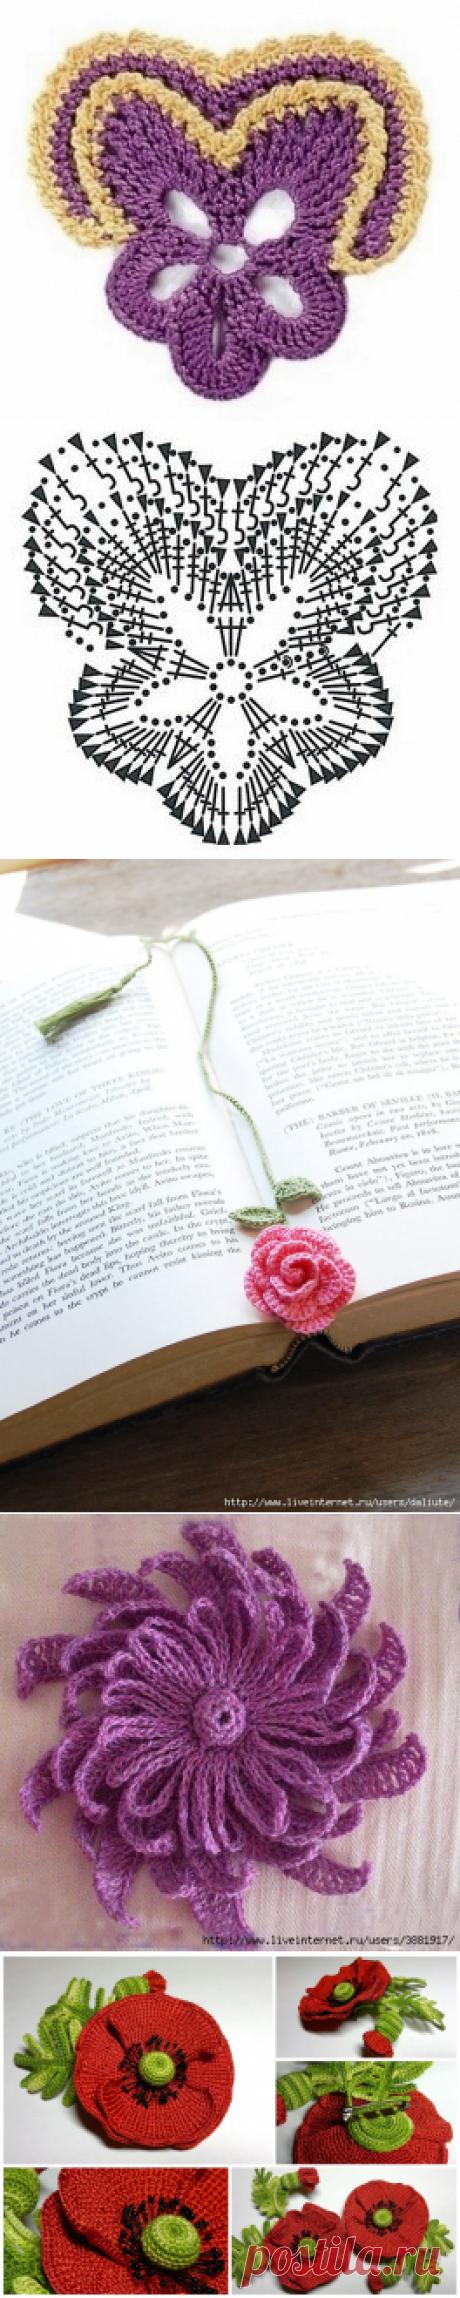 Цветы крючком. | Записи в рубрике Цветы крючком. | Дневник барби64